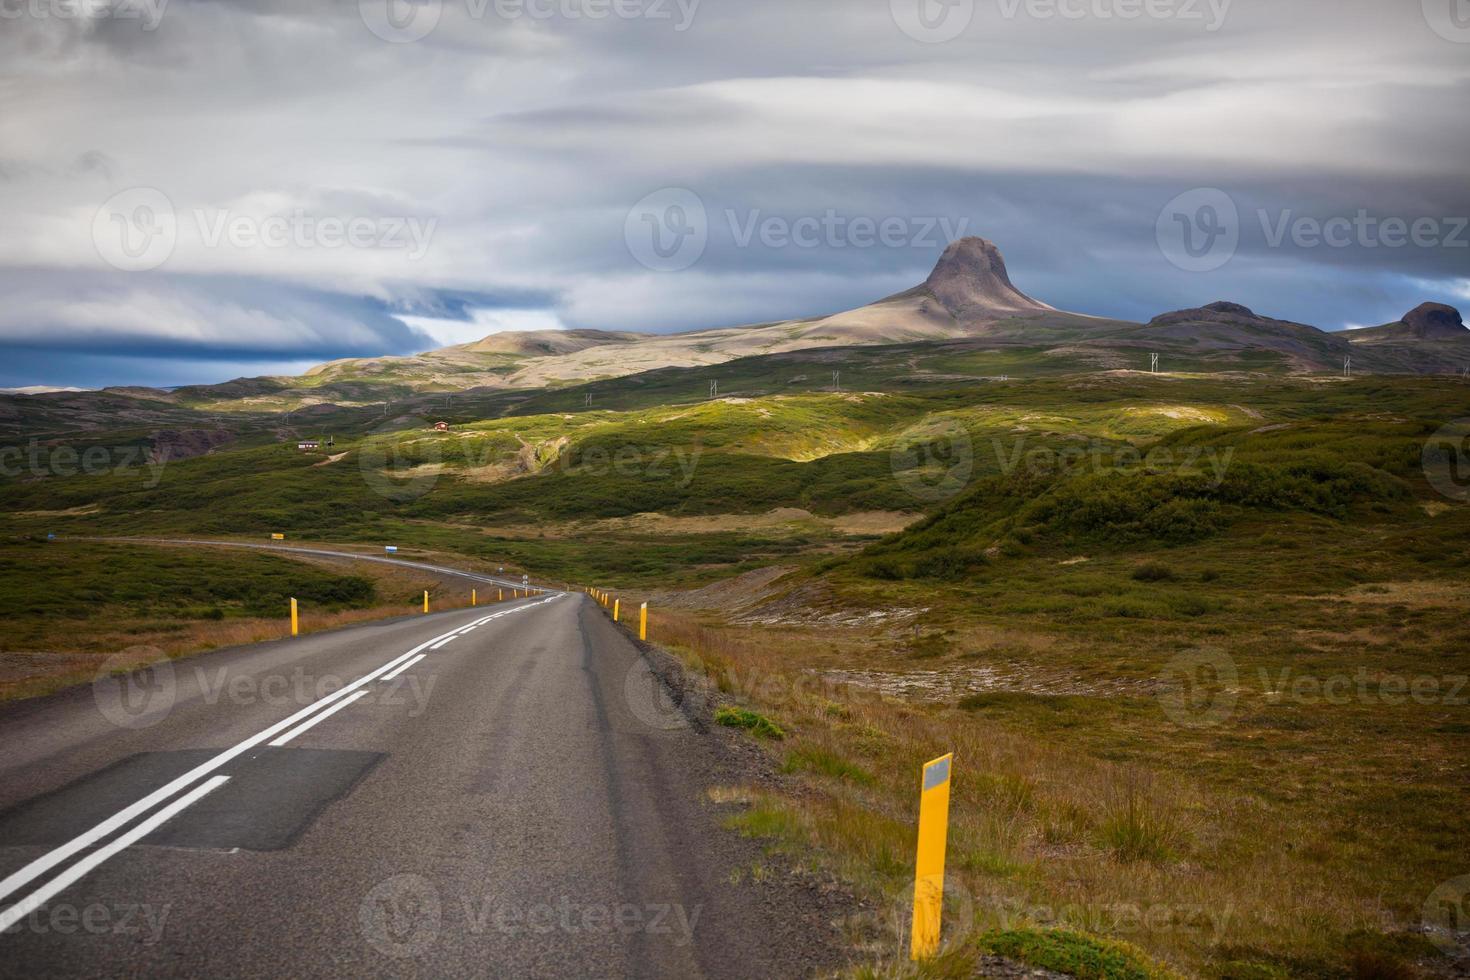 autostrada attraverso il paesaggio delle montagne dell'Islanda foto